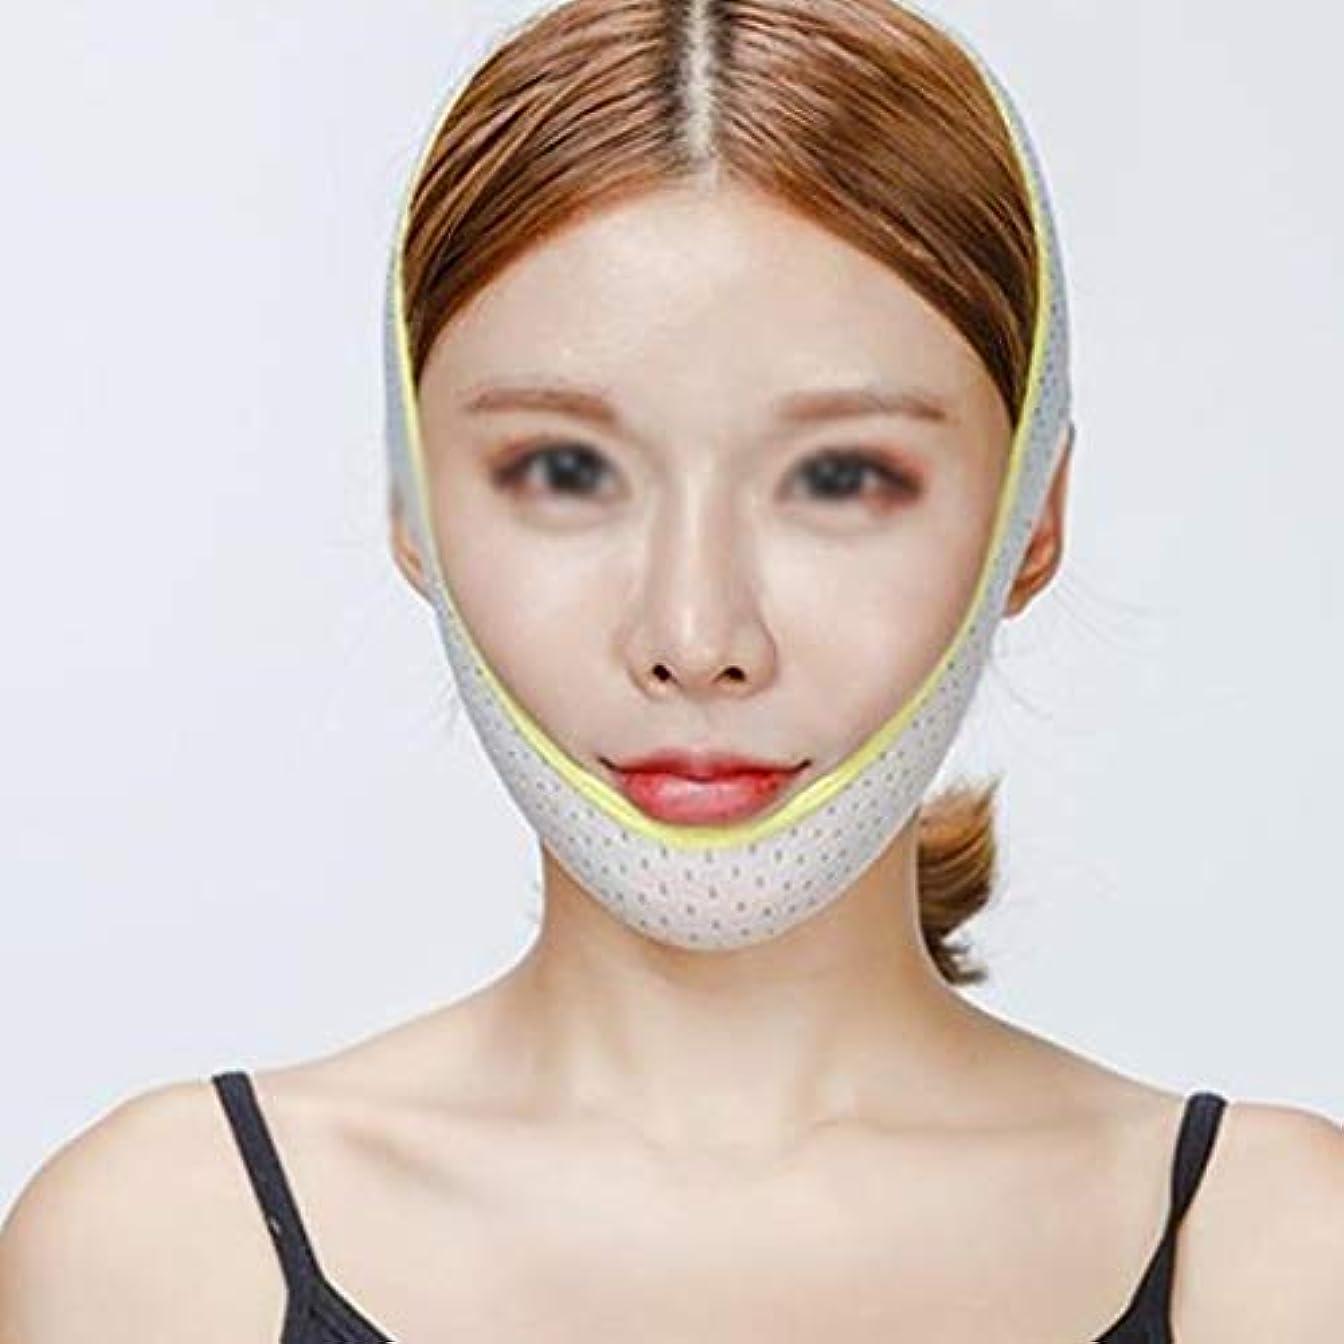 辞書ドライ配管ZWBD フェイスマスク, Vフェイスアーティファクトフェイスリフトステッカー本物のフェイスリフト韓国フェイスフェイシャルリフティングファーミングインストゥルメントフェイシャルリフティング睡眠包帯